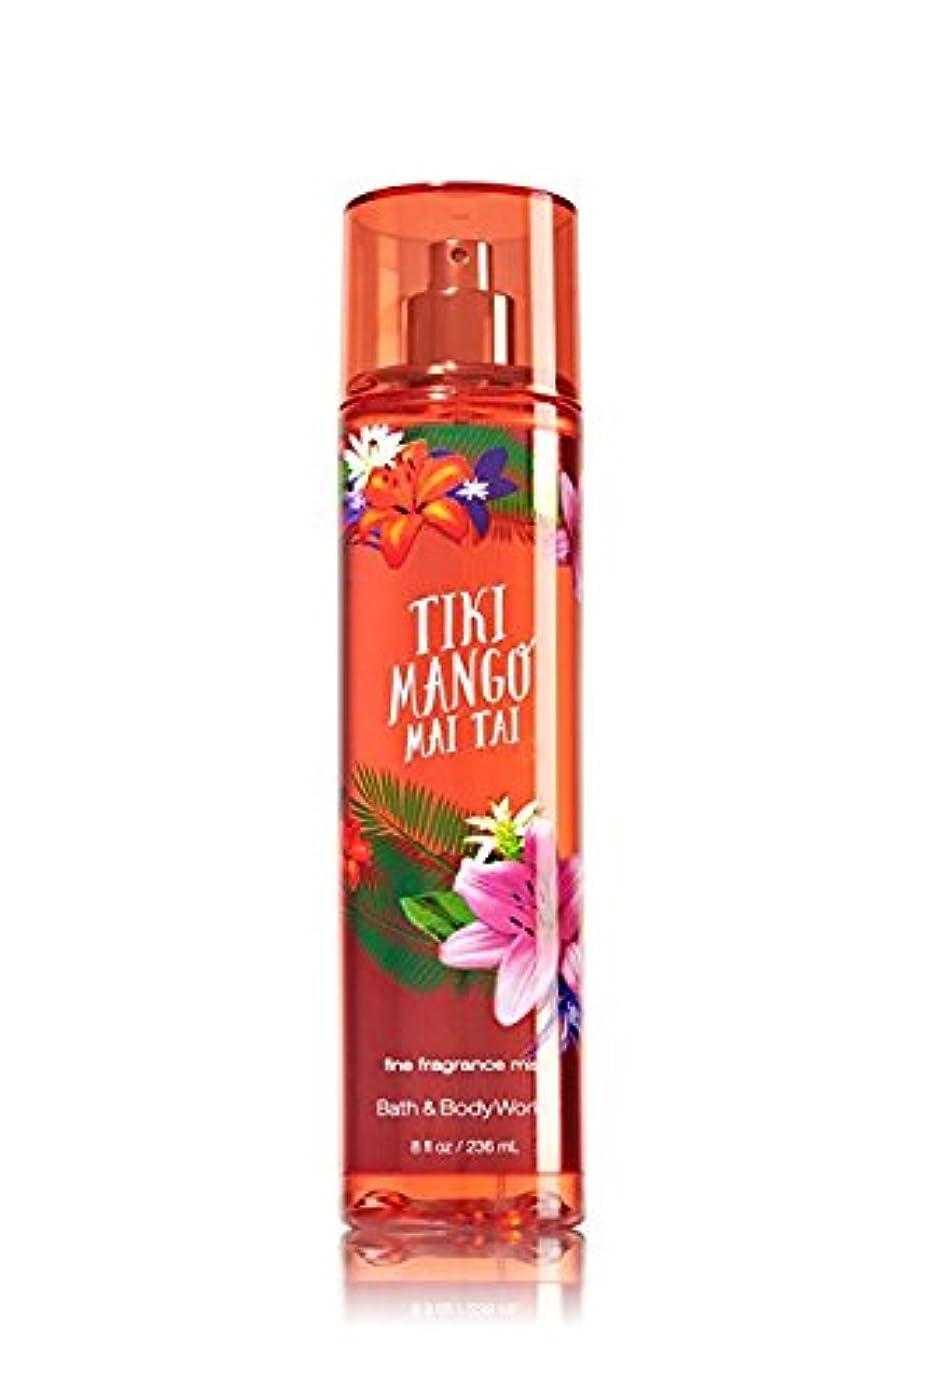 市の花飢え中で【Bath&Body Works/バス&ボディワークス】 ファインフレグランスミスト ティキマンゴーマイタイ Fine Fragrance Mist Tiki Mango Maitai 8oz (236ml) [並行輸入品]